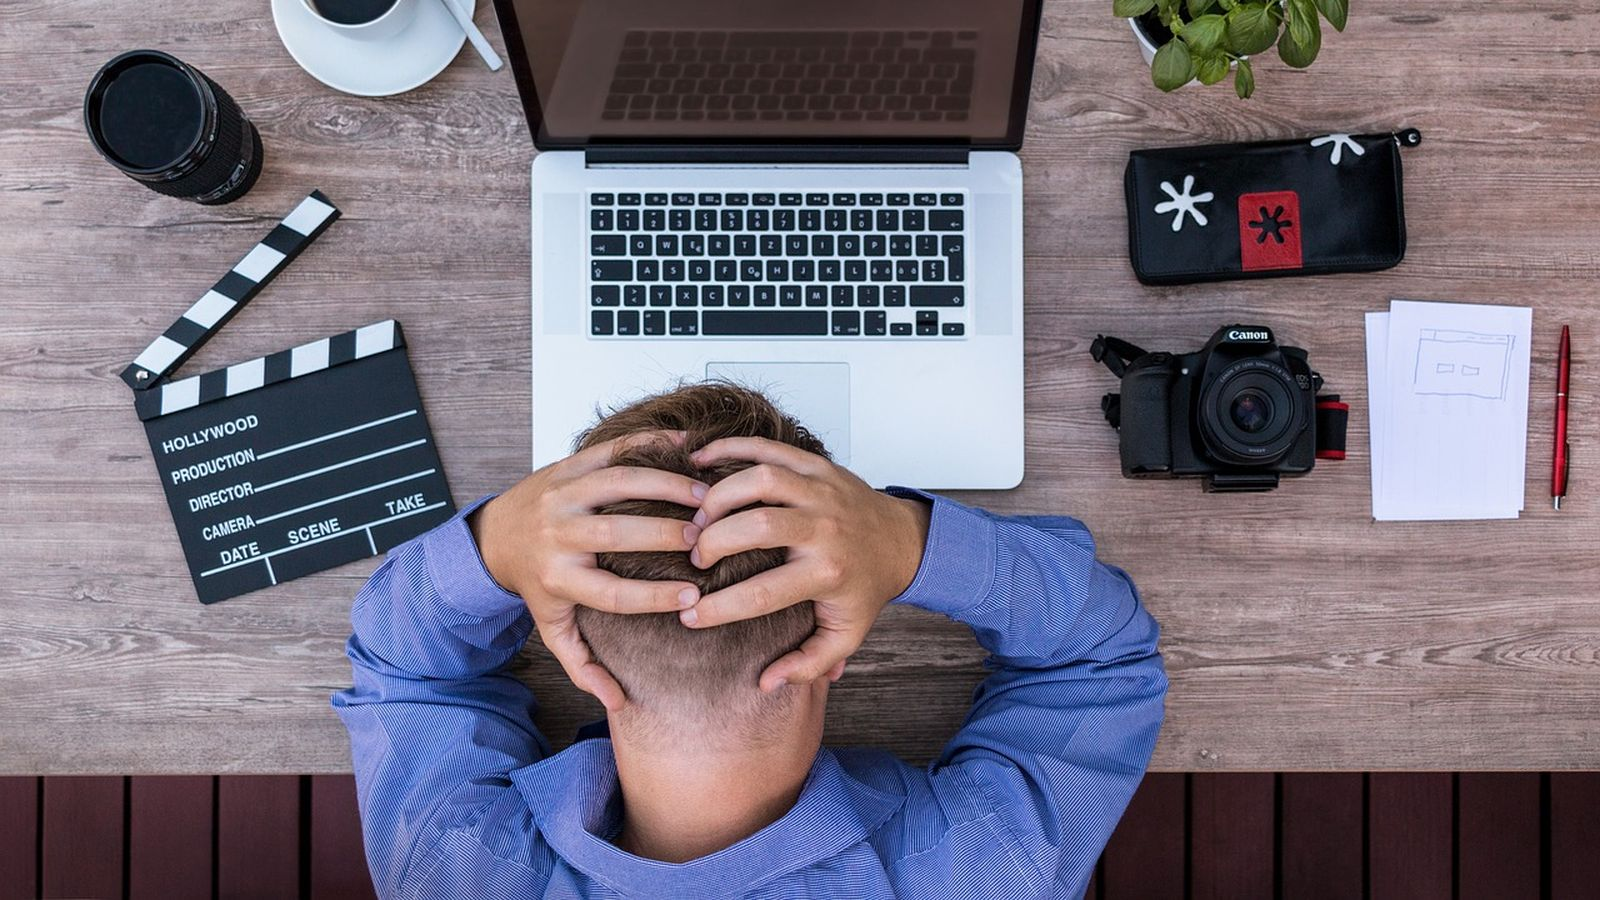 Fehlhaltungen im Homeoffice: Beschwerden durch Verspannungen und psychosomatische Symptome nehmen zu